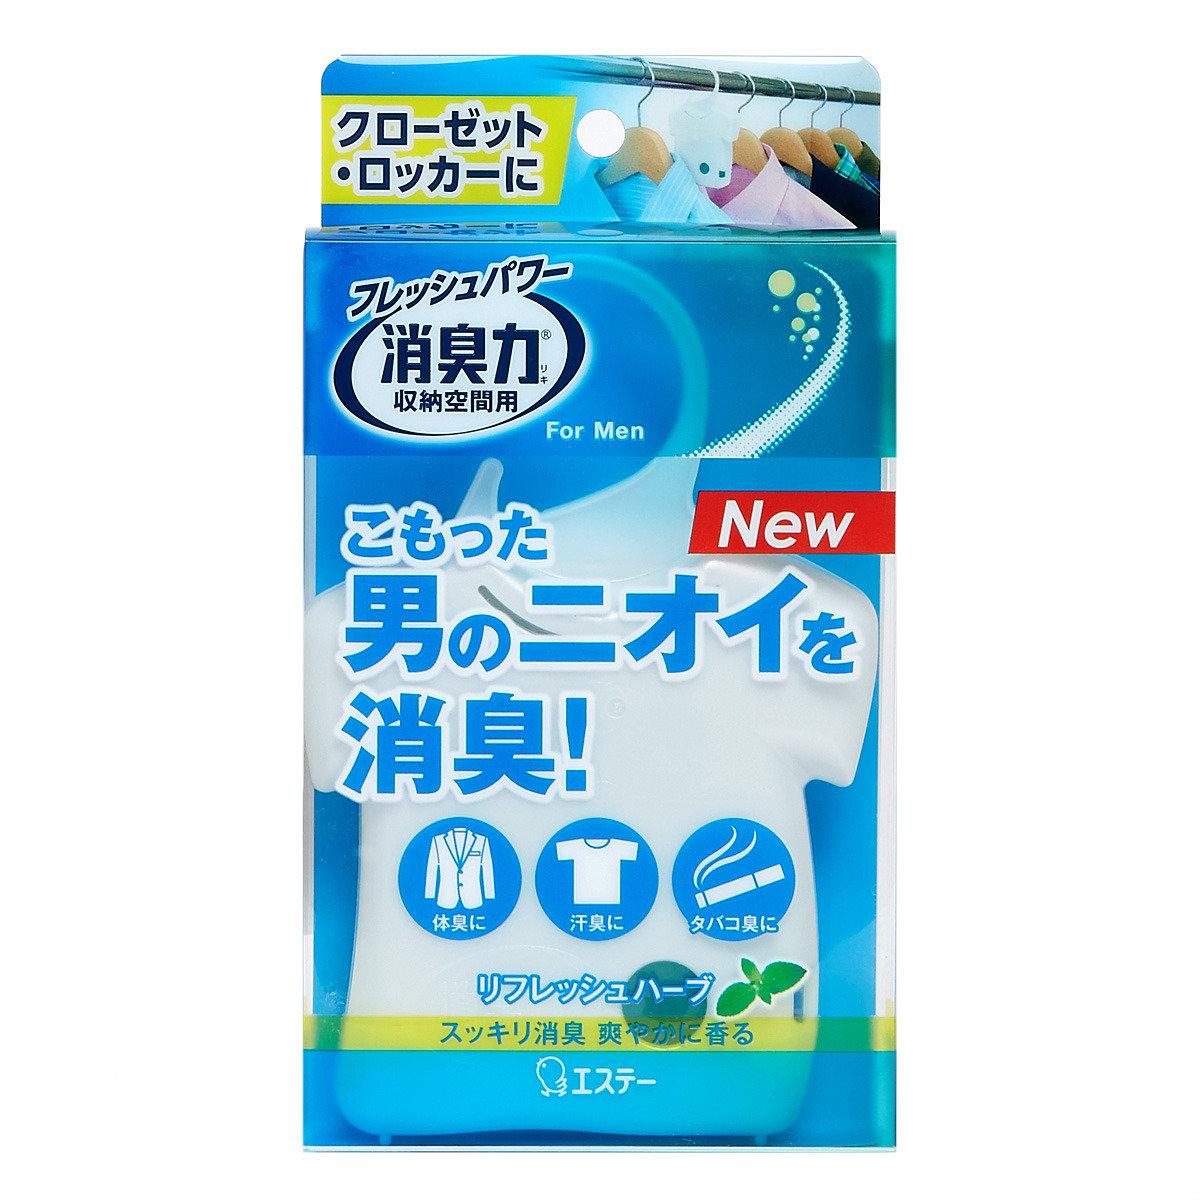 衣物淨化消臭劑衣柜用 - 香草味